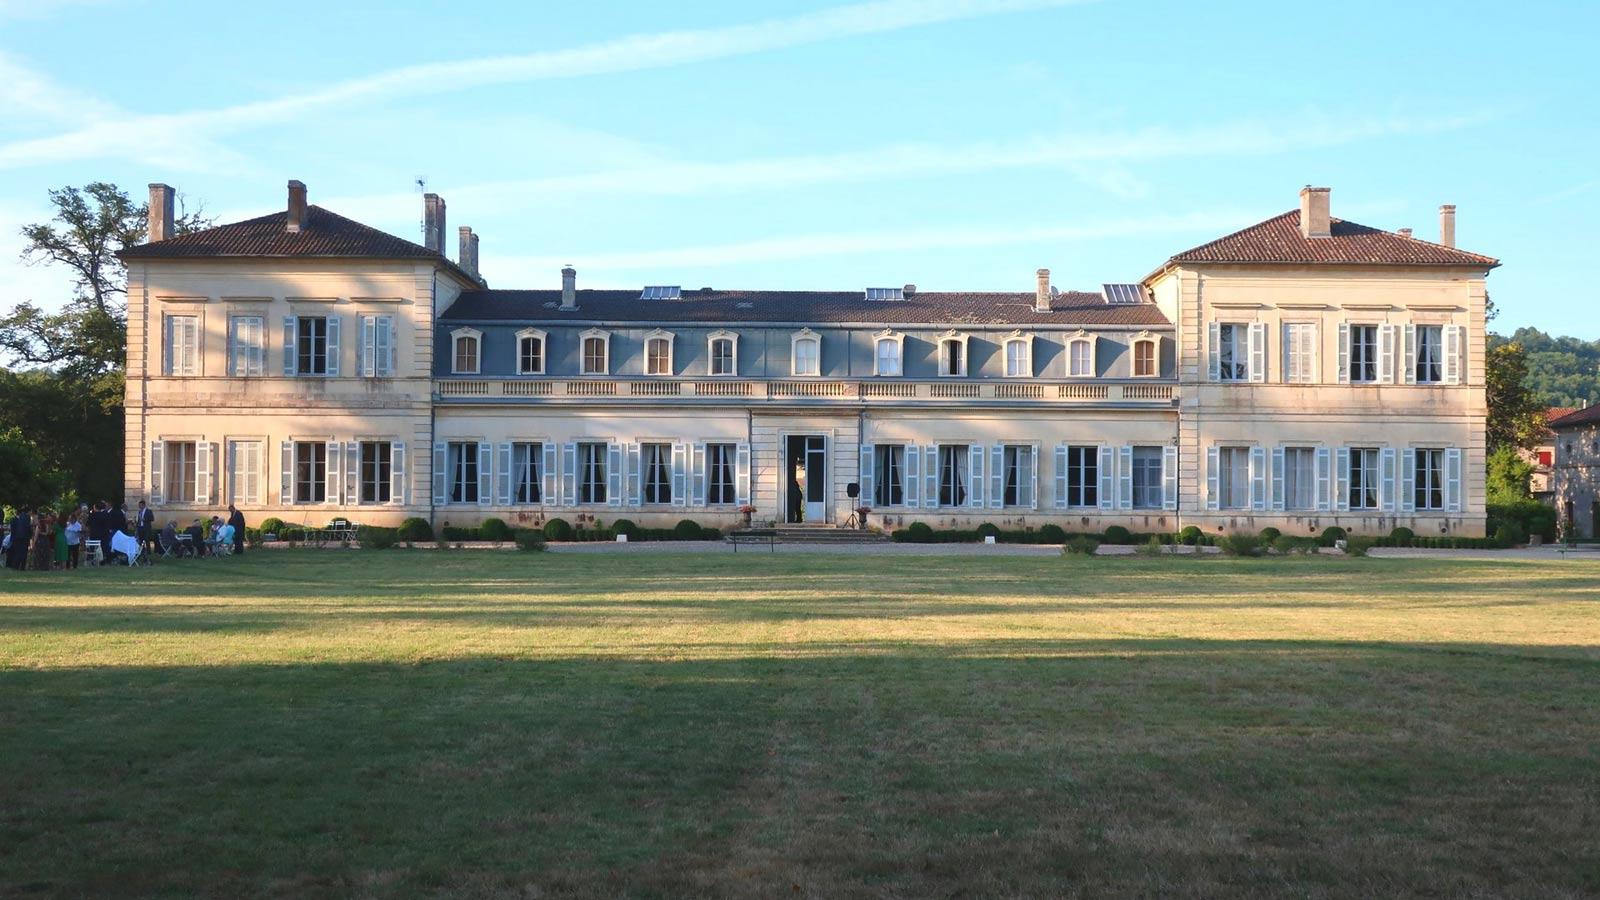 Château Saint Denis, location, mariages, réceptions dans le Sud-Ouest, à côté d'Agen. Adresses Exclusives.